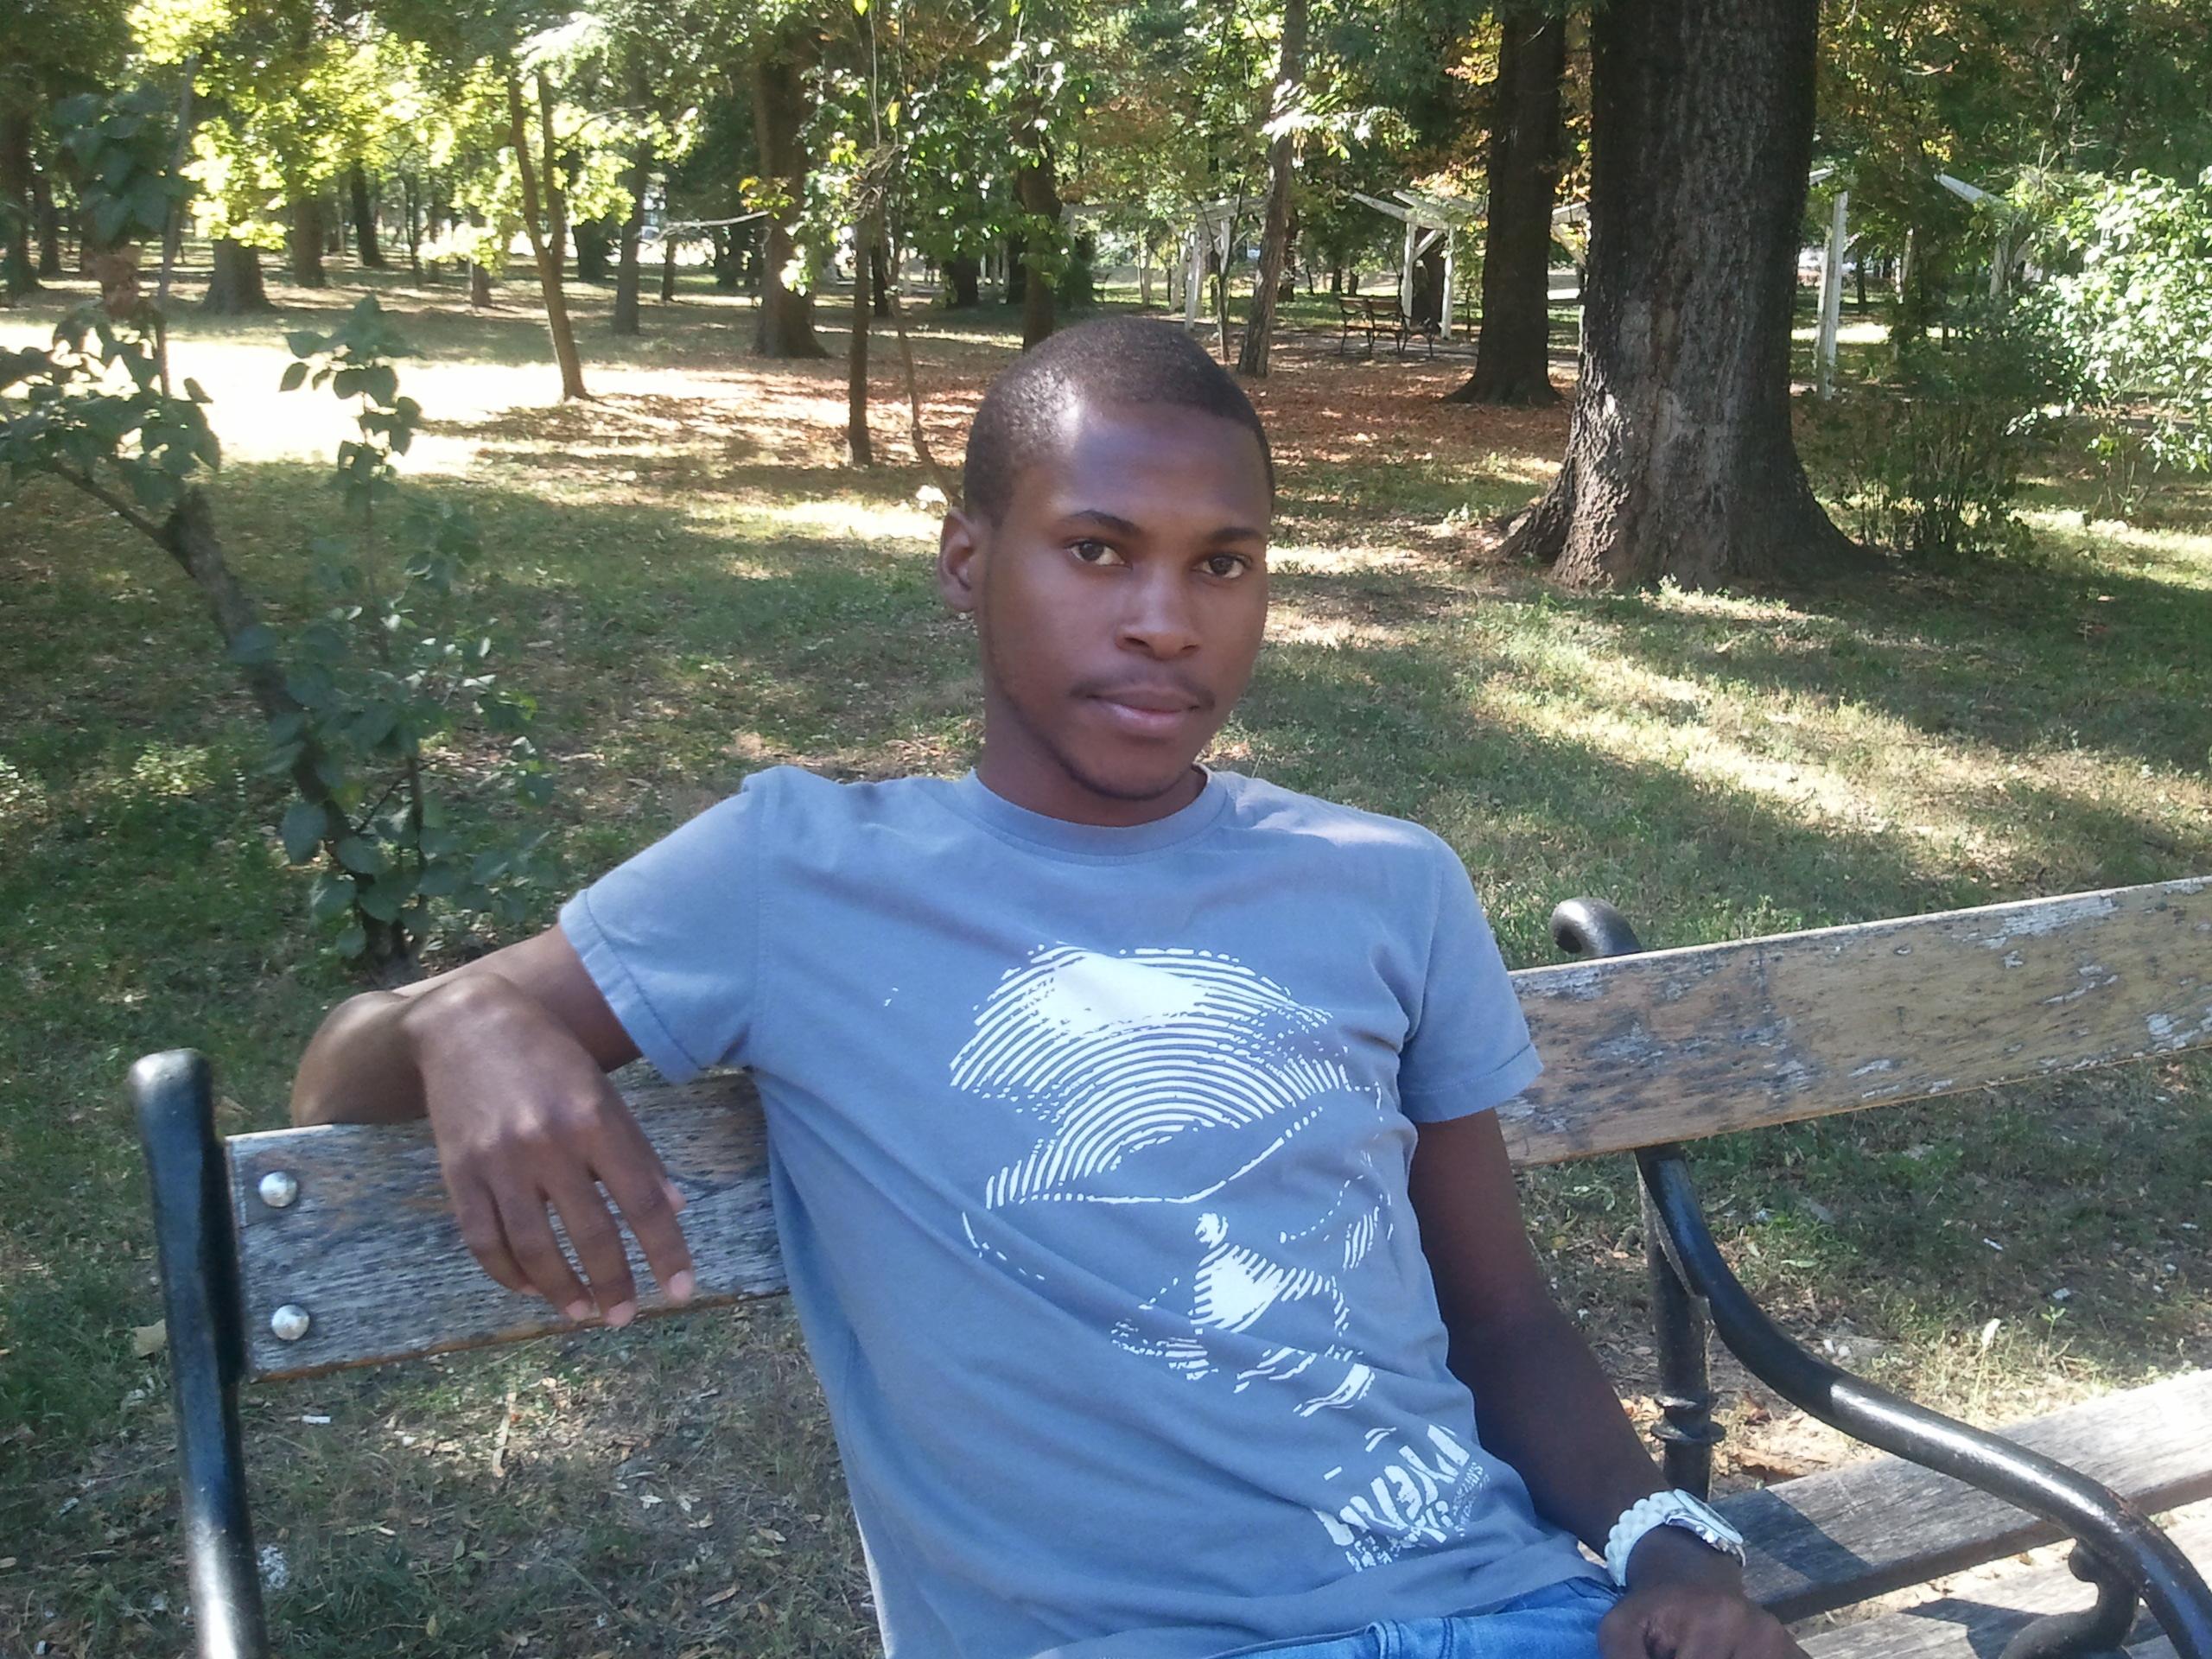 VEZI VIDEO: Povestea INCREDIBILA a unui tanar ugandez ajuns student la medicina in Romania